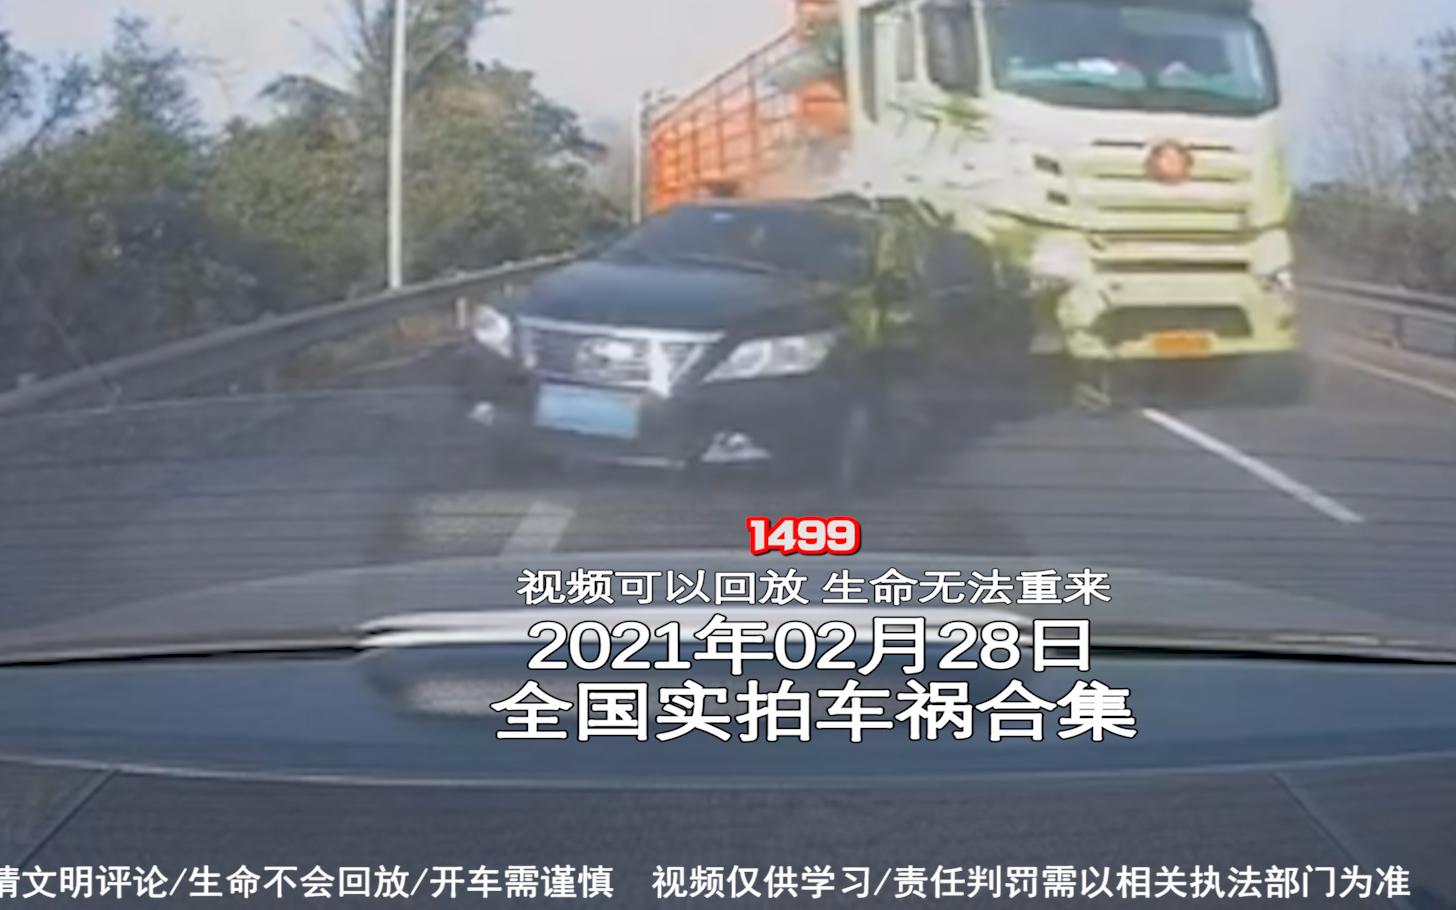 1499期:小车失控,后面小货车来回打方向盘还是无法躲开【20210228全国车祸合集】